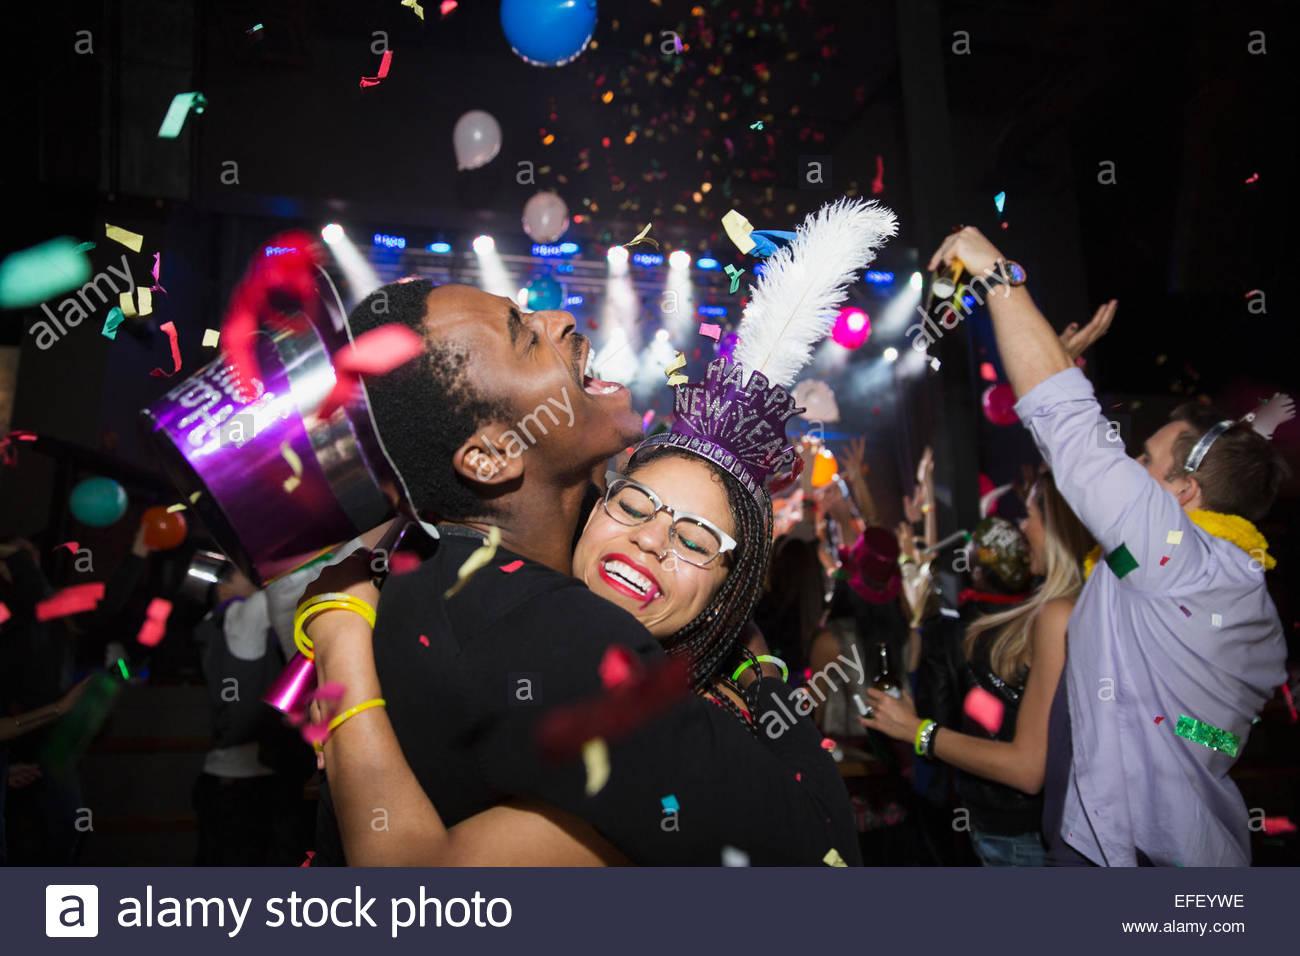 Confetti falling hugging couple enjoying New Year celebration - Stock Image